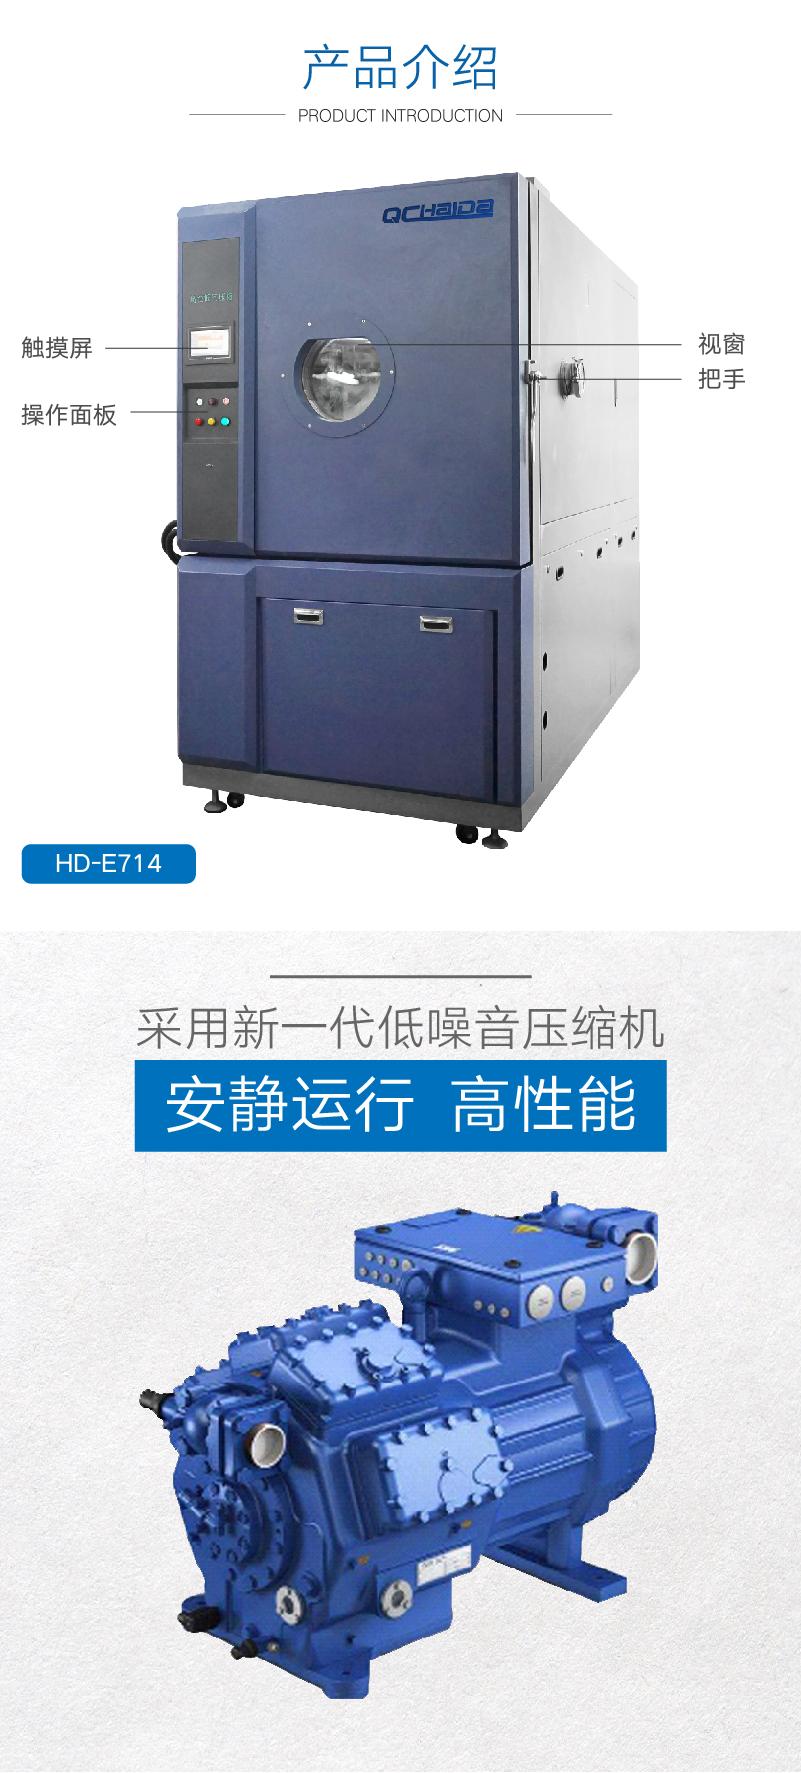 HD-E714高空低氣壓試驗機 (2).jpg